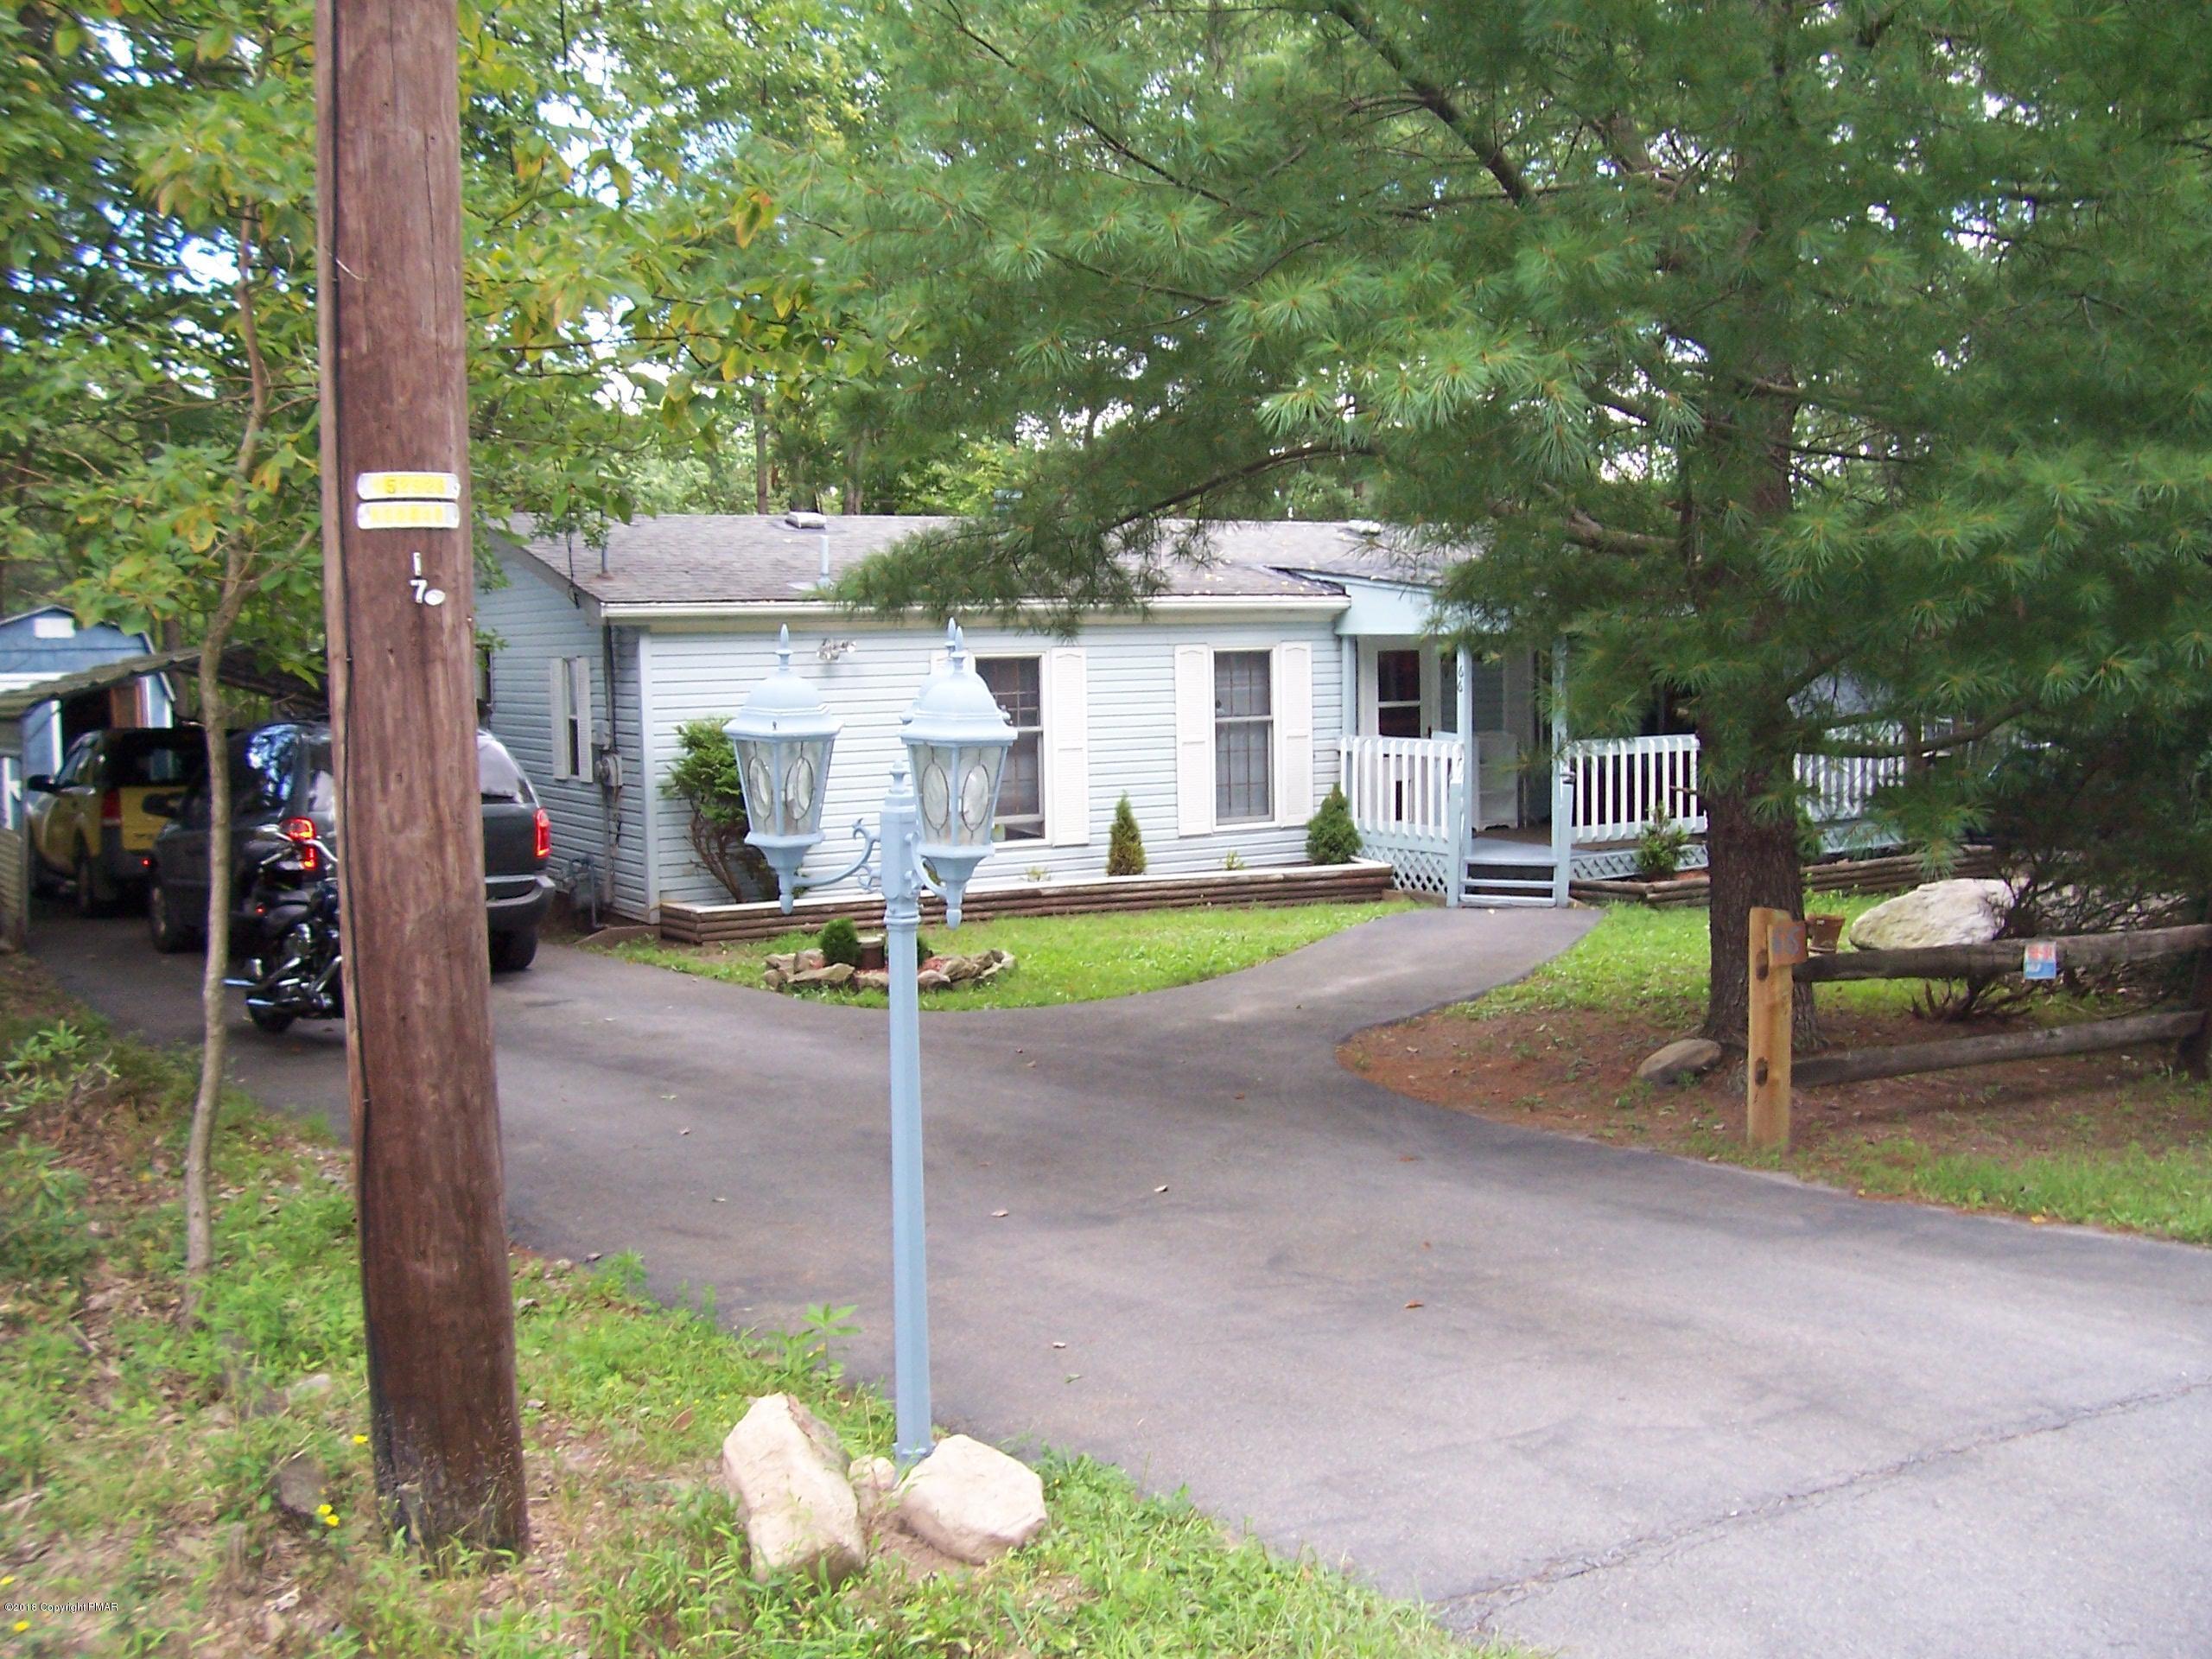 66 Prescott Rd., White Haven, PA 18661